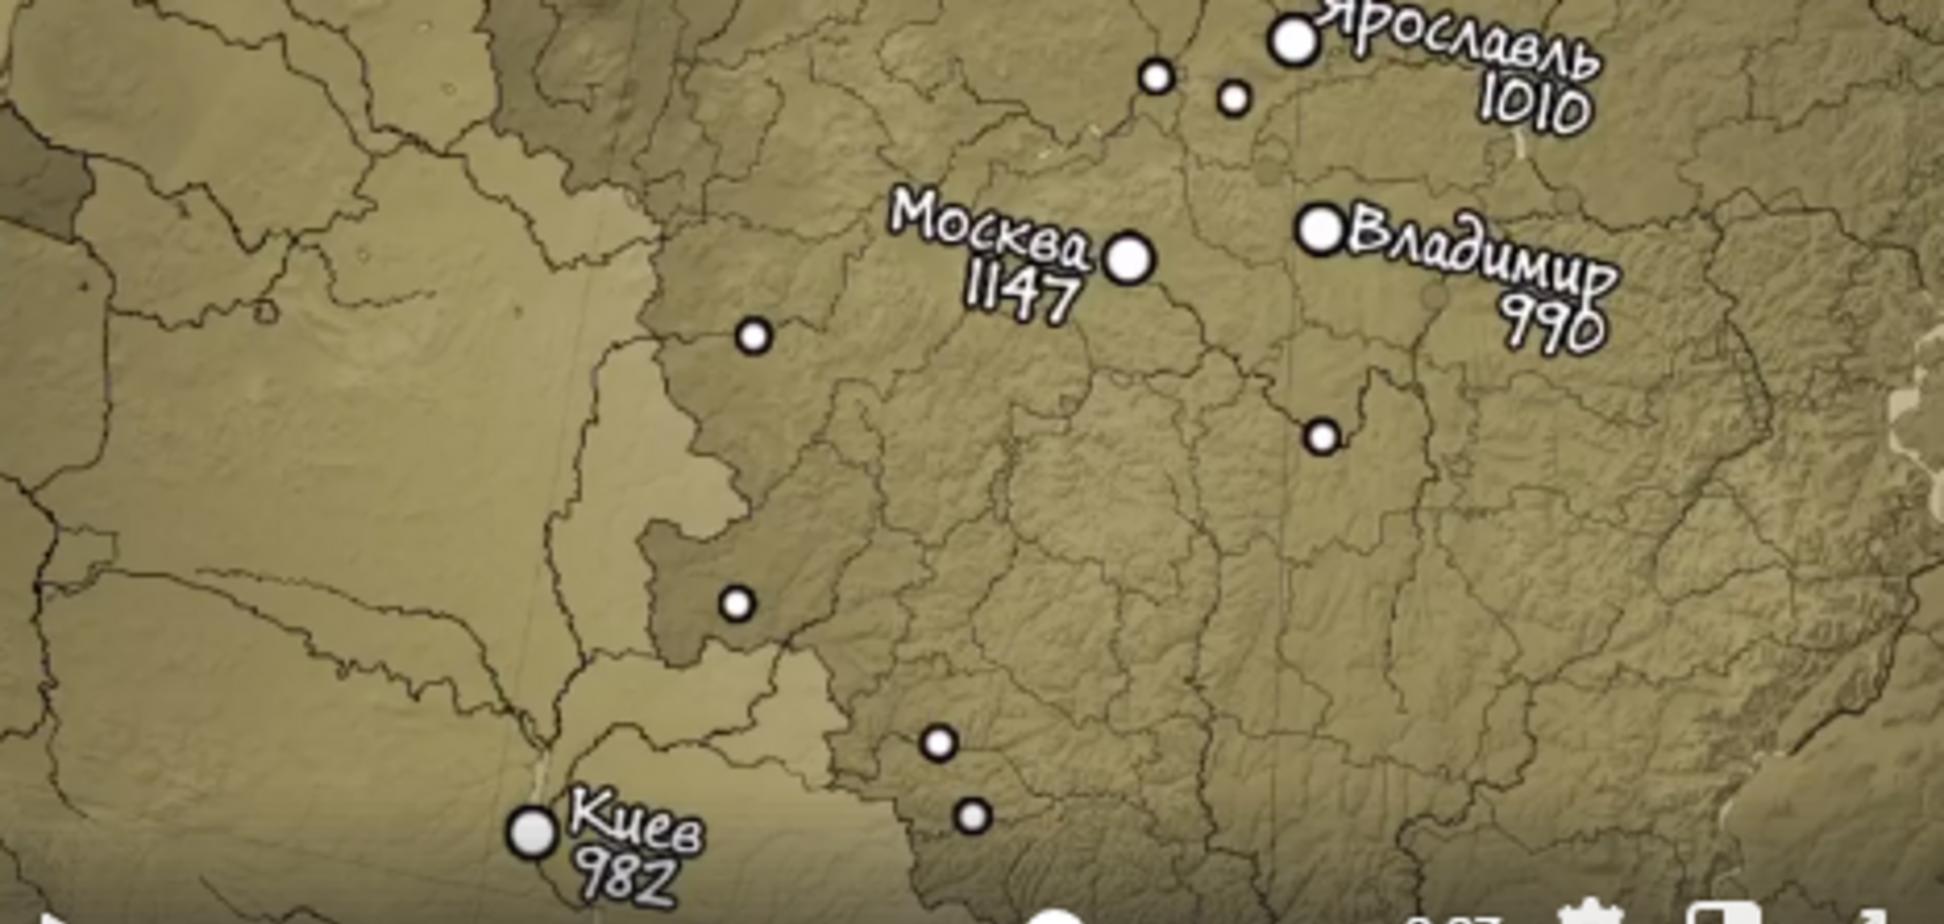 Москву основал киевский князь: ответ Дмитрию Киселеву